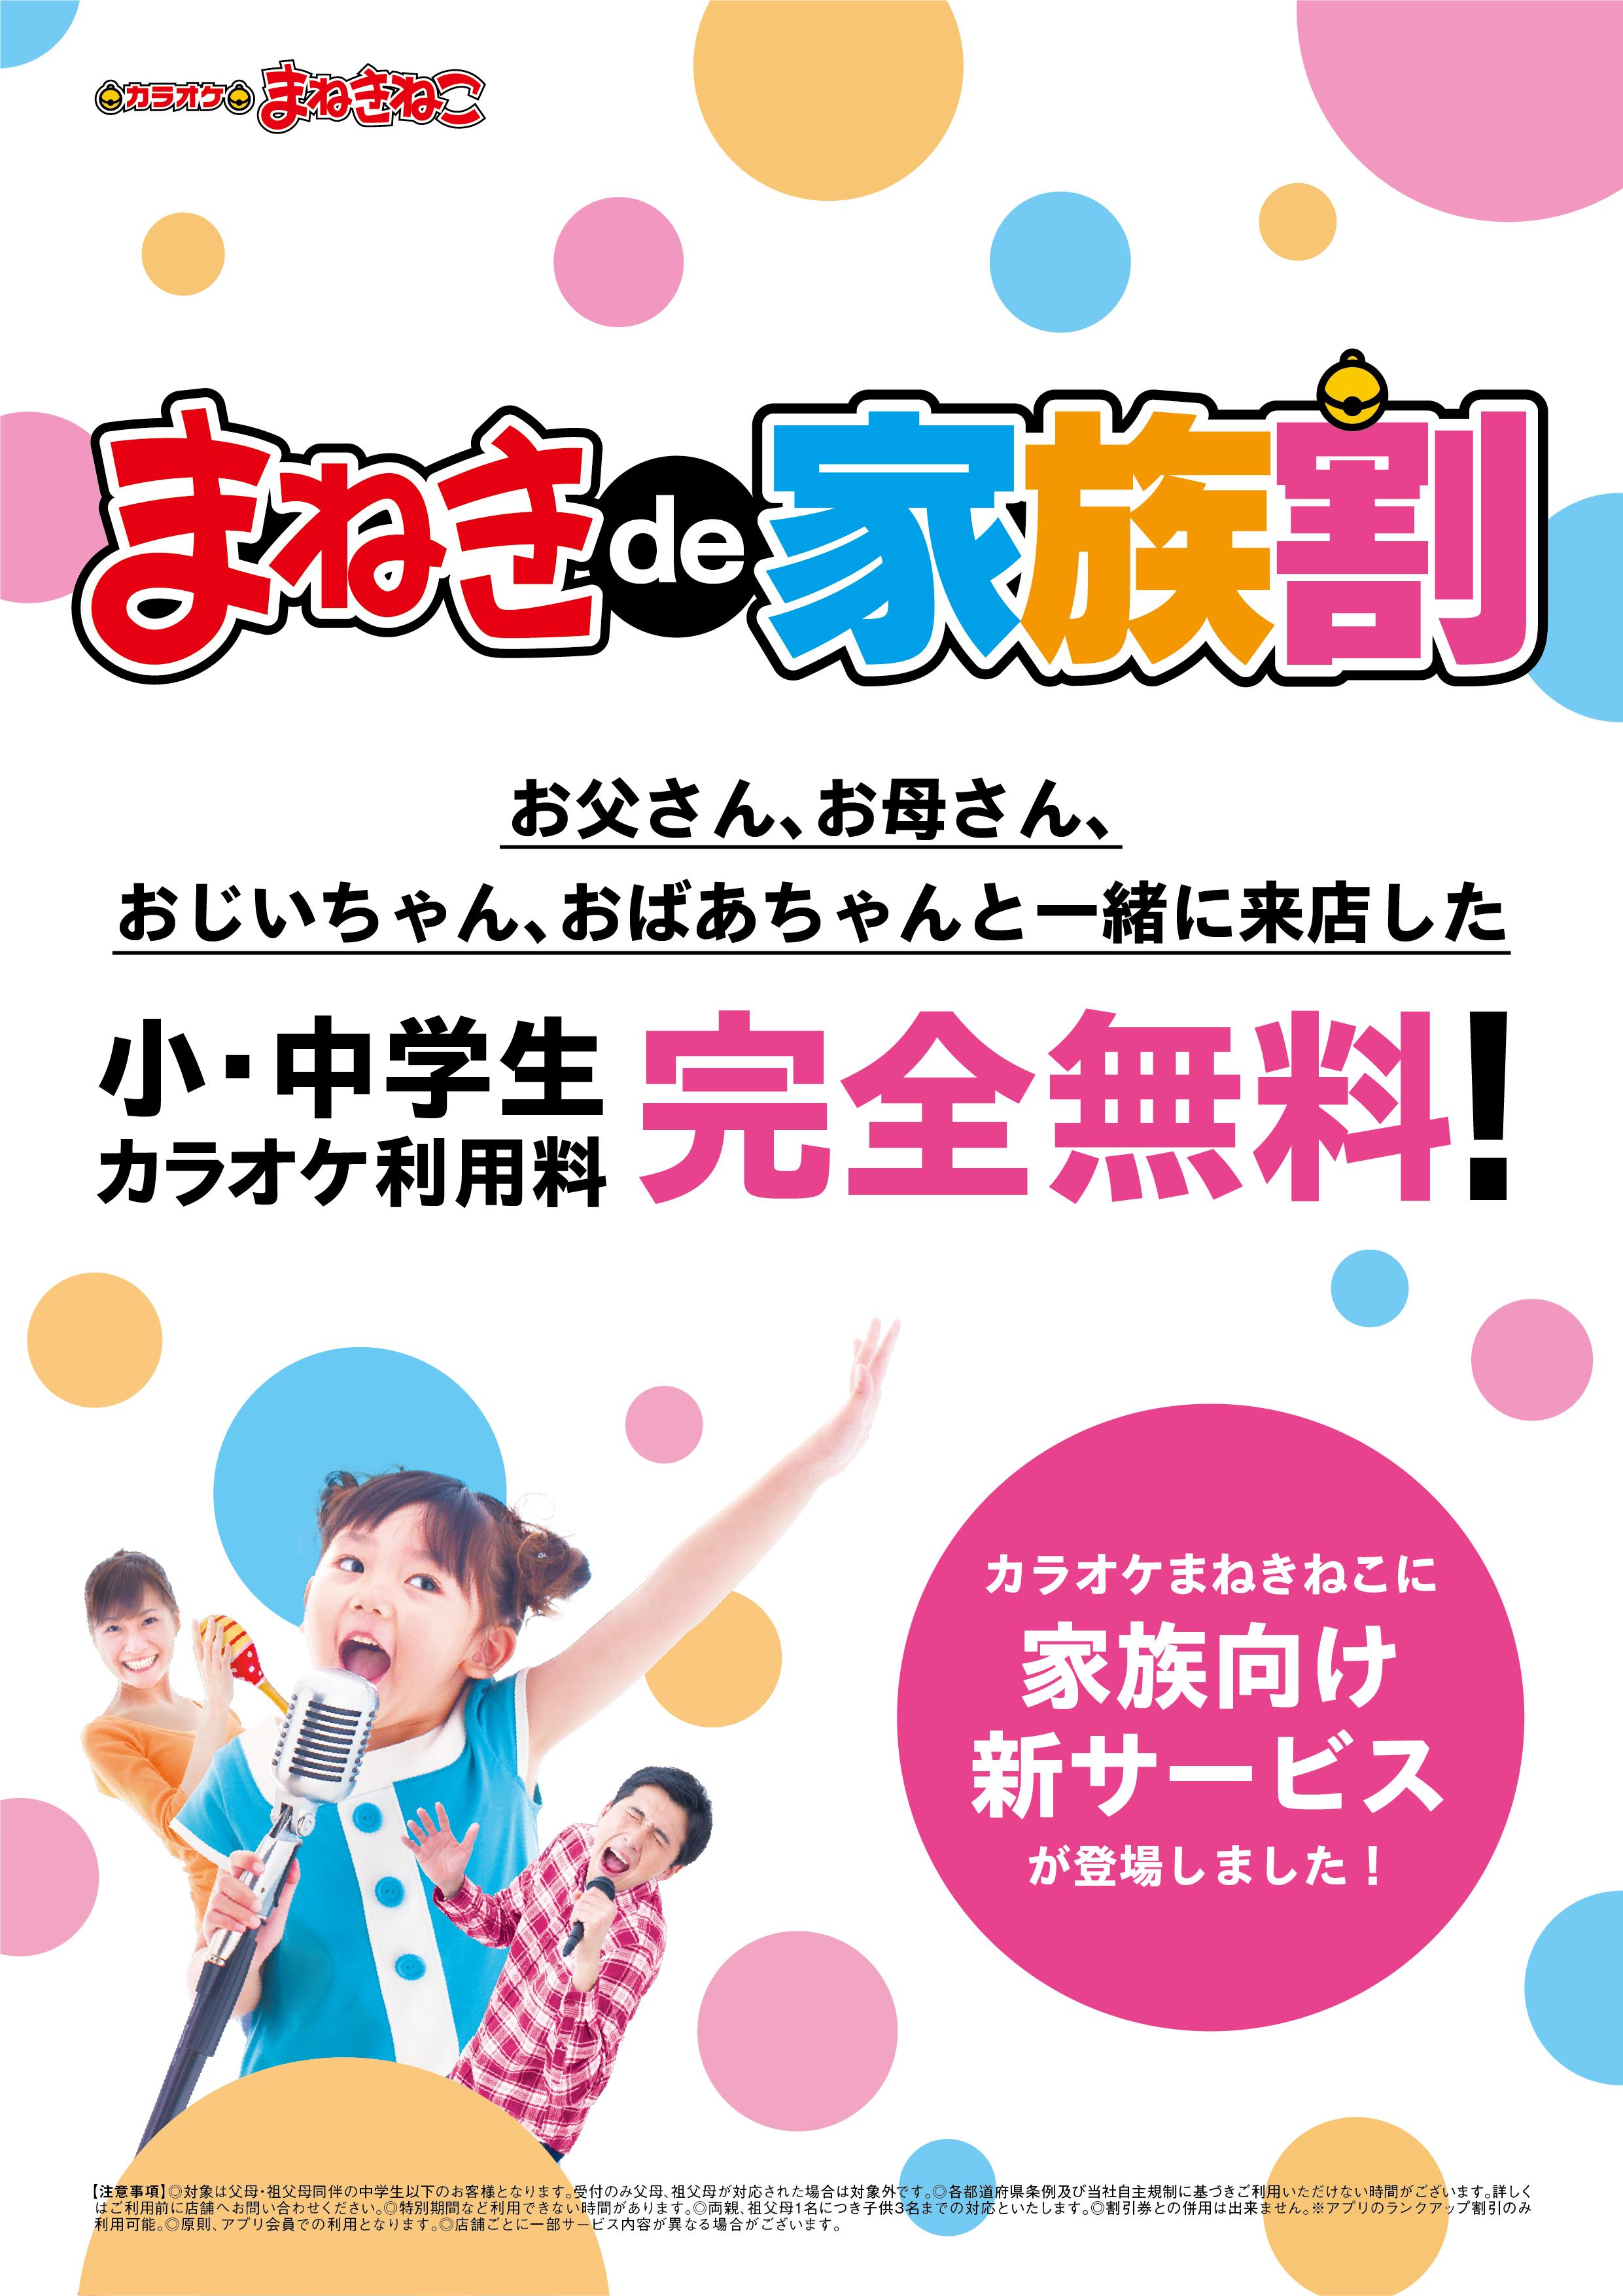 カラオケまねきねこの4/1~『まねきde家族割』スタート!のキャンペーン・フェアの詳細